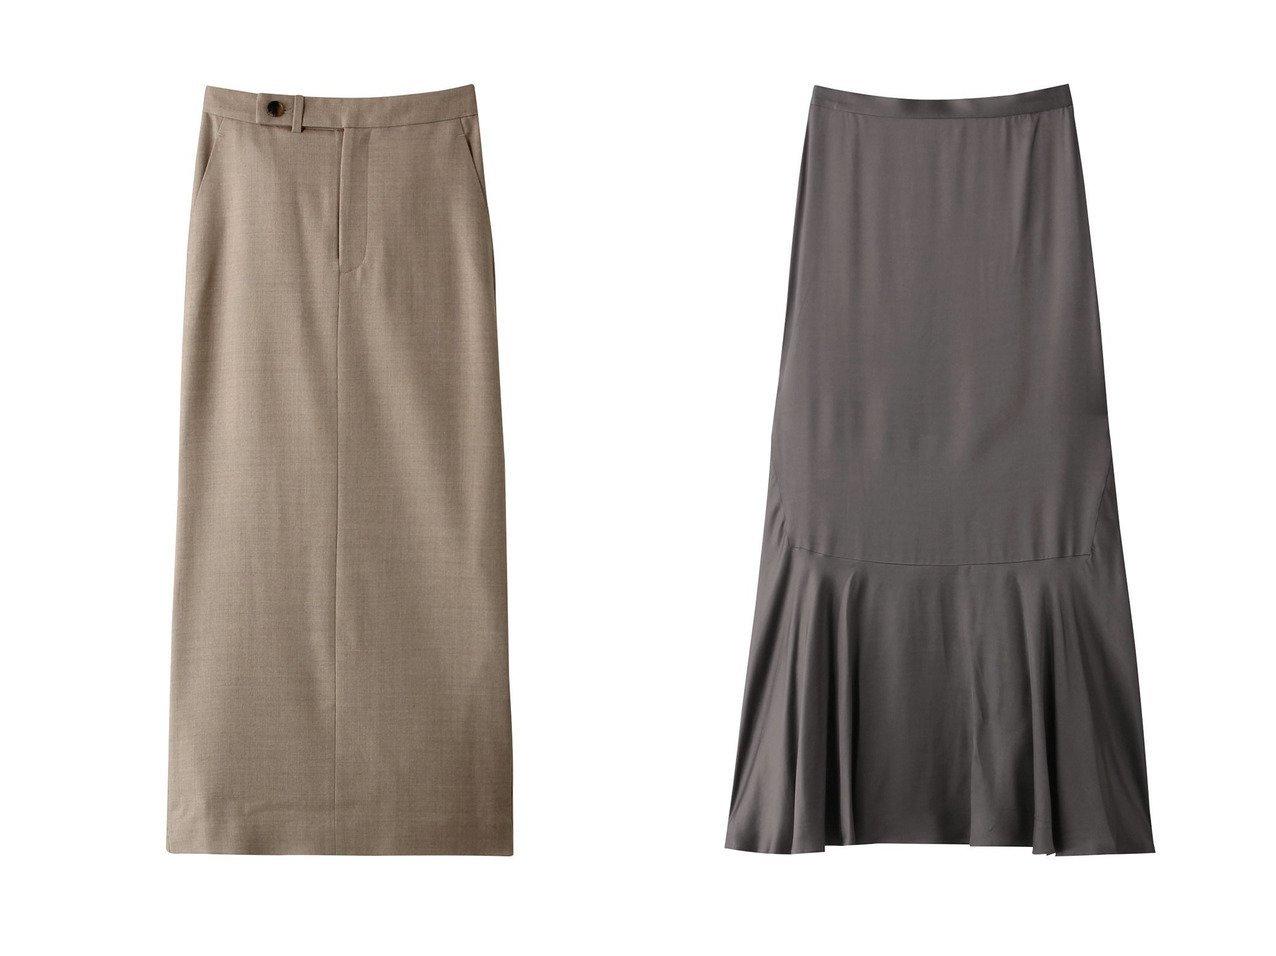 【DEPAREILLE/デパリエ】のサイドボタンスカート&裾フレアスカート 【スカート】おすすめ!人気、トレンド・レディースファッションの通販 おすすめで人気の流行・トレンド、ファッションの通販商品 インテリア・家具・メンズファッション・キッズファッション・レディースファッション・服の通販 founy(ファニー) https://founy.com/ ファッション Fashion レディースファッション WOMEN スカート Skirt ロングスカート Long Skirt Aライン/フレアスカート Flared A-Line Skirts シンプル スリット ロング |ID:crp329100000071365